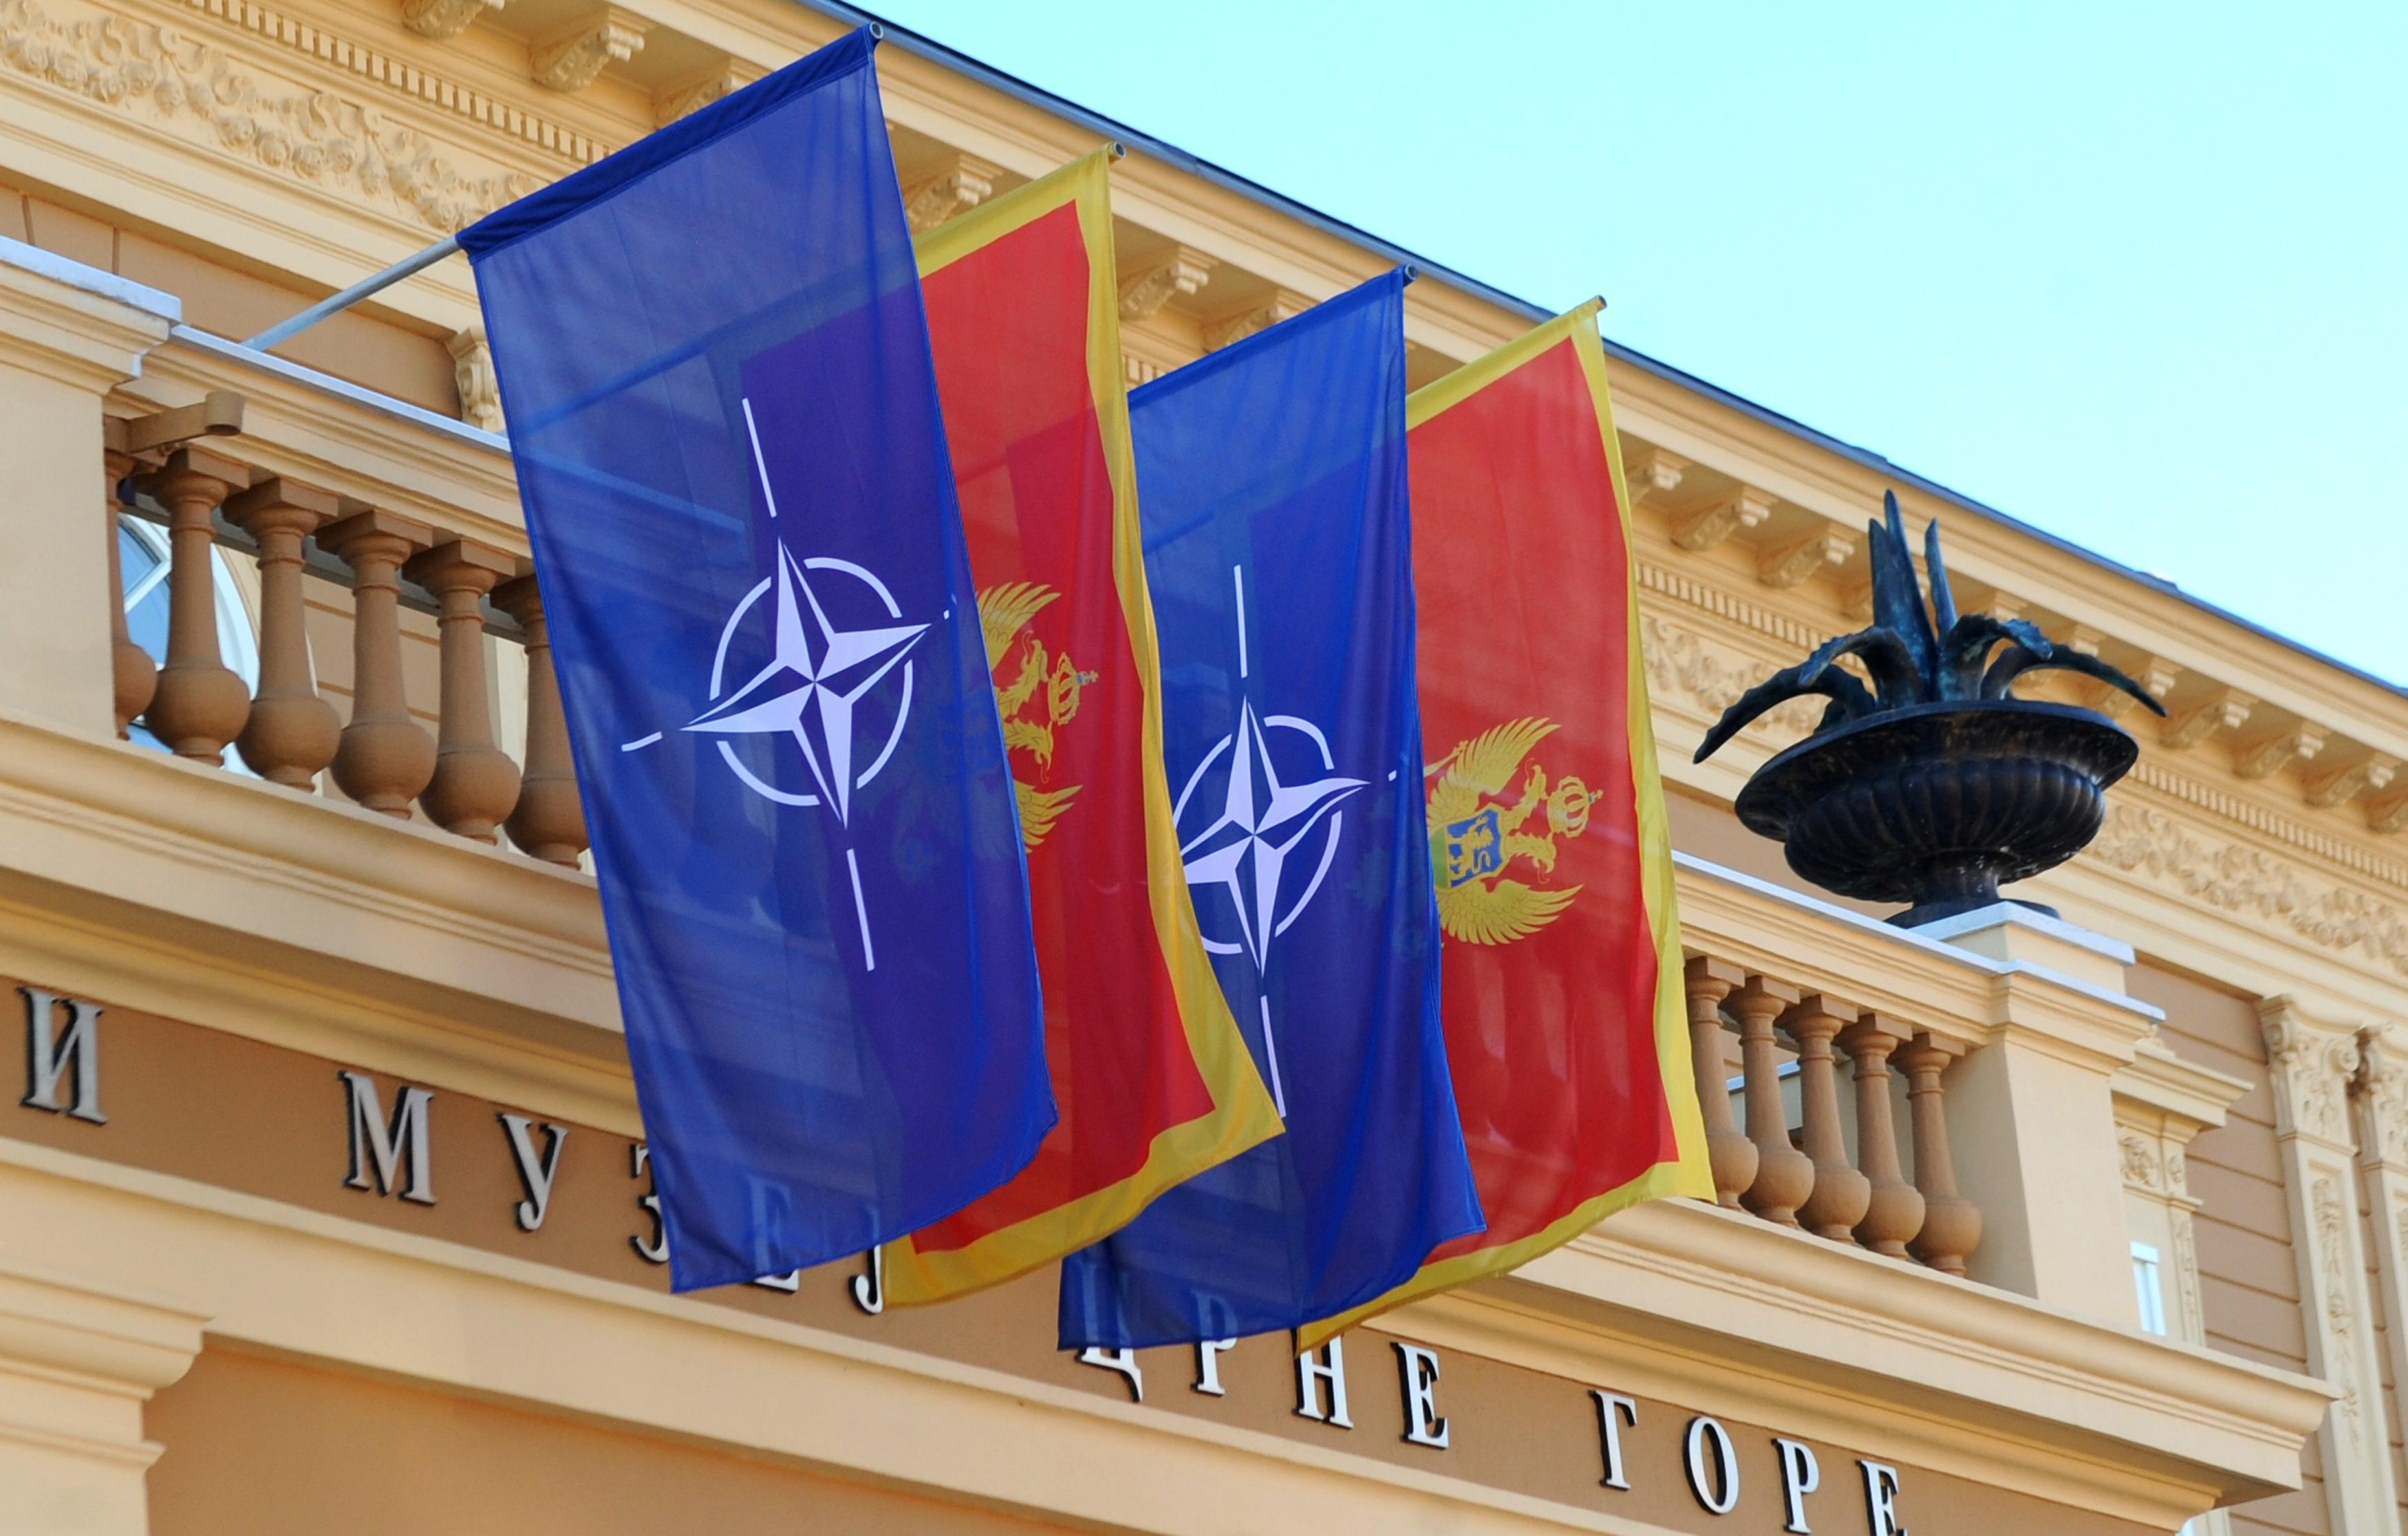 Muntenegrua-devenit-de-câțiva-ani-membru-NATO